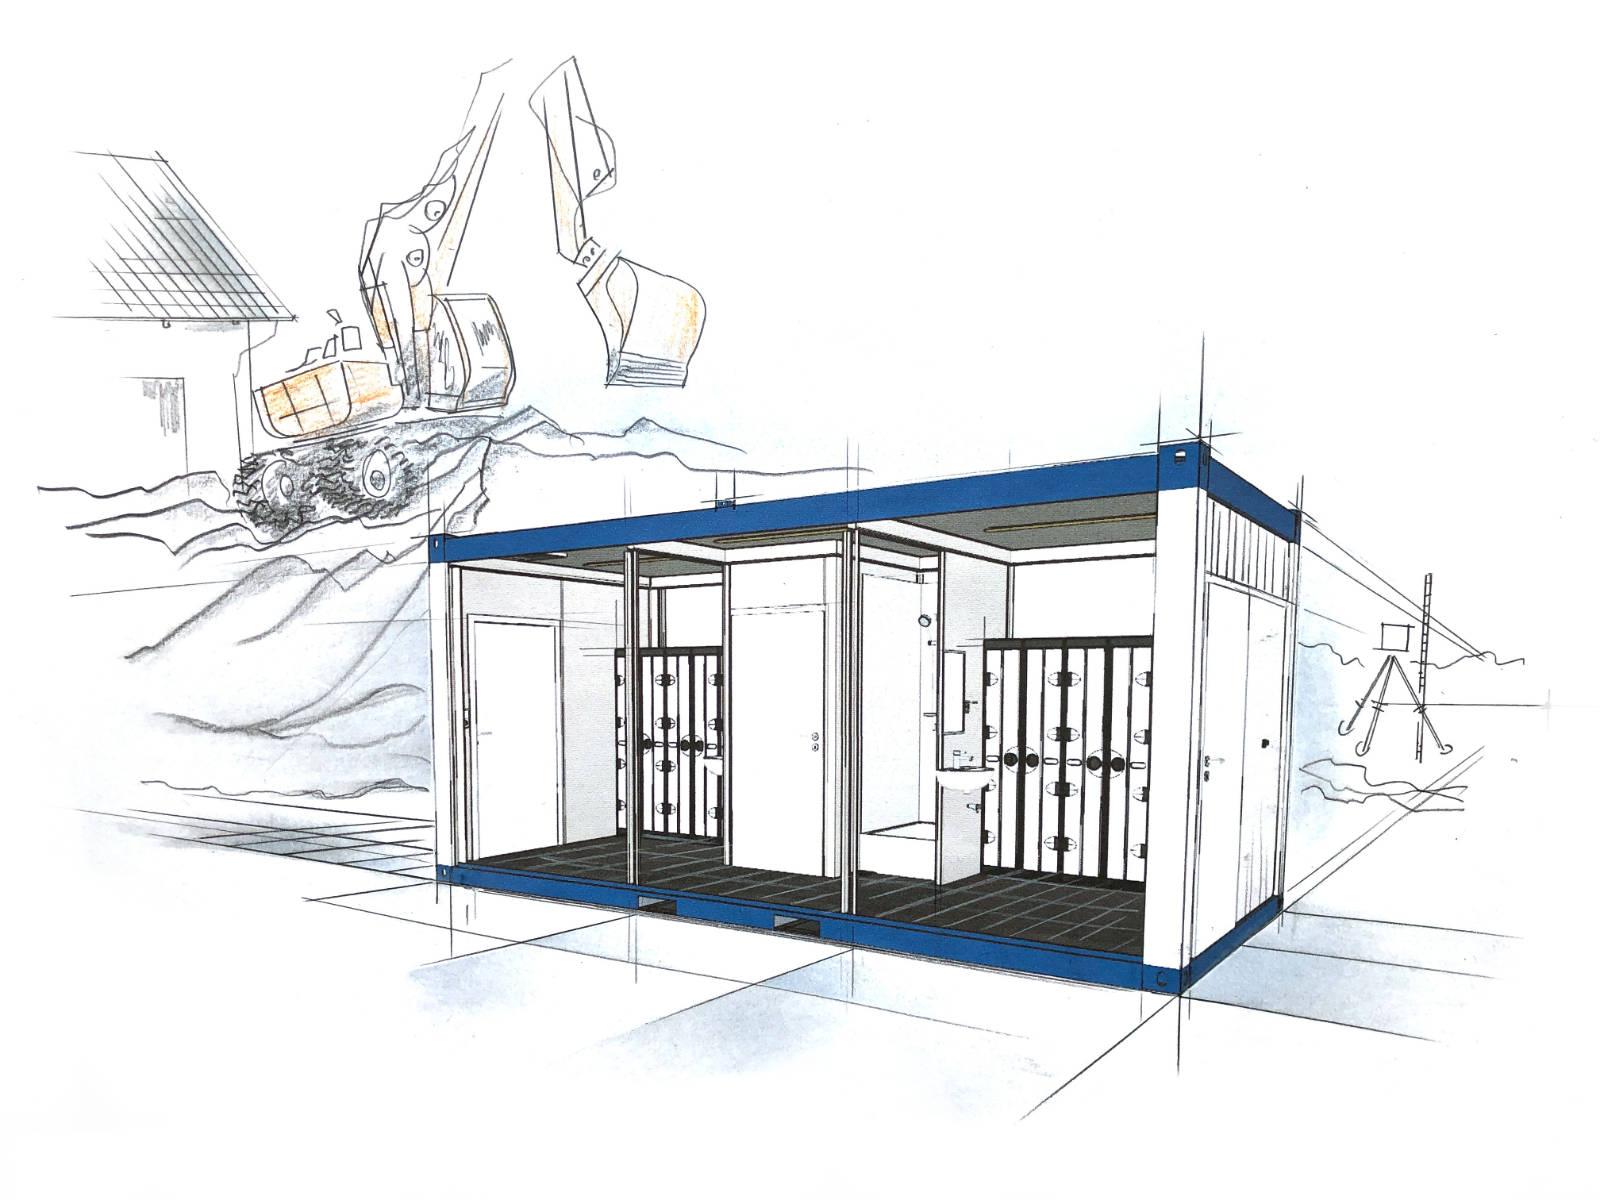 wohncontainer kaufen - Sanitärcontainer - container mieten preise